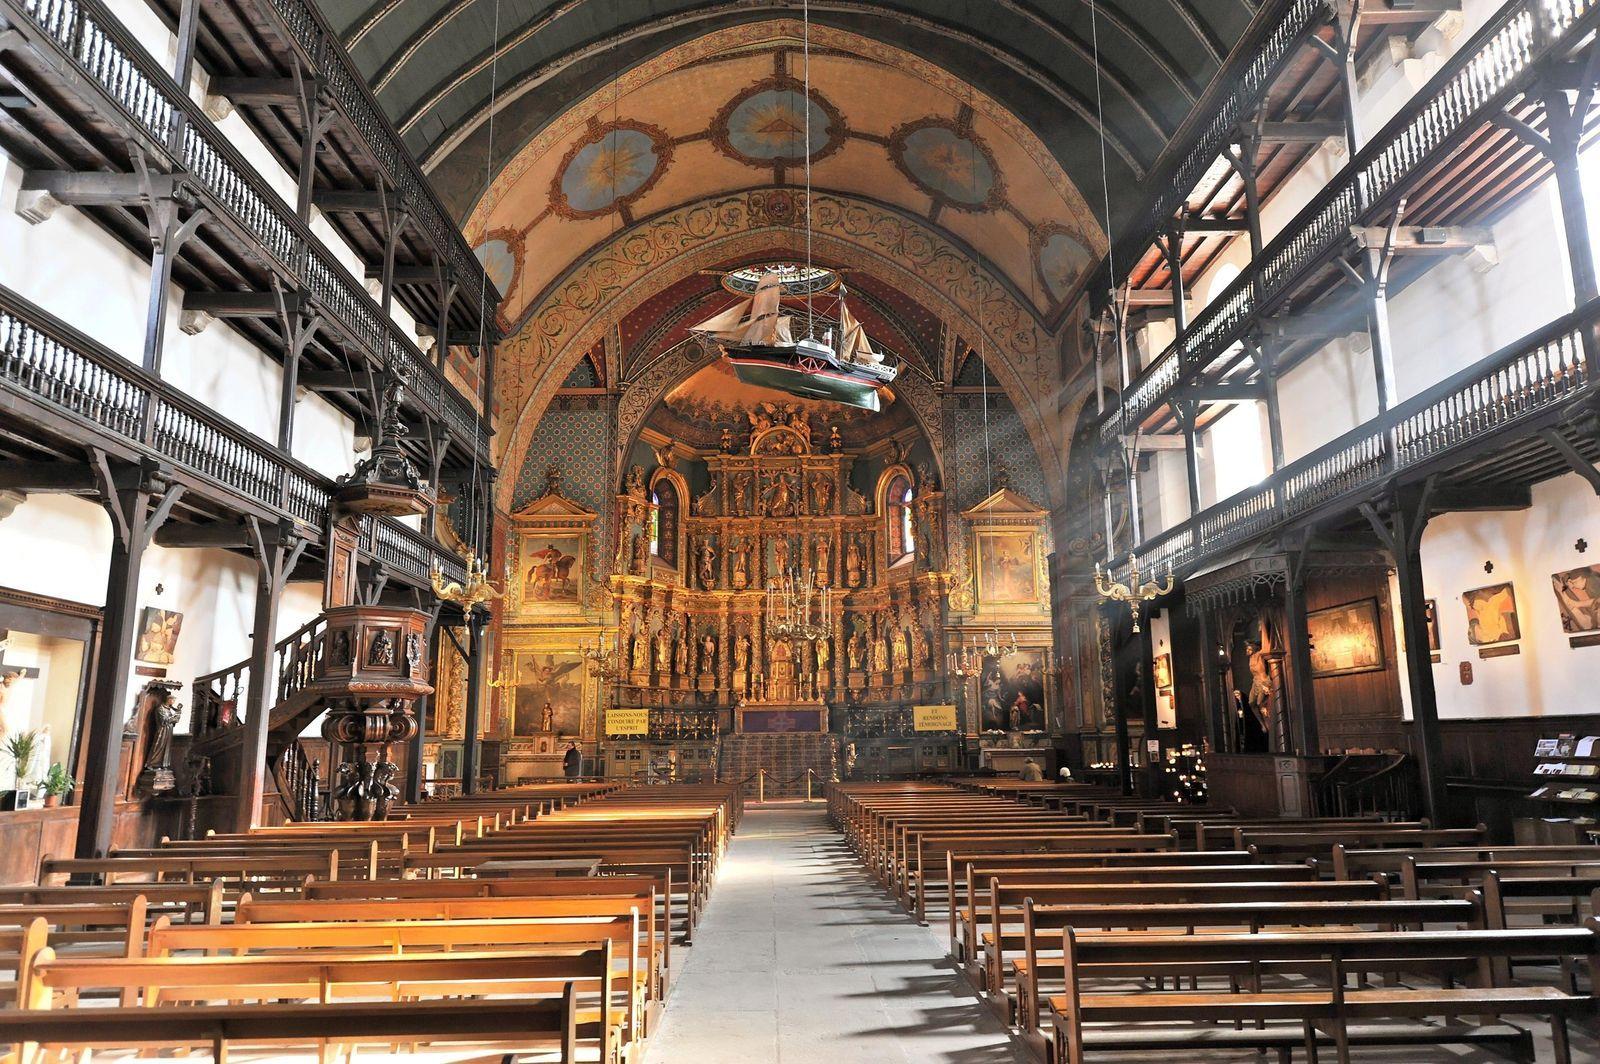 Eglise Saint Jean Baptiste A Saint Jean De Luz Saint Jean Pays Basque Saint Jean De Luz